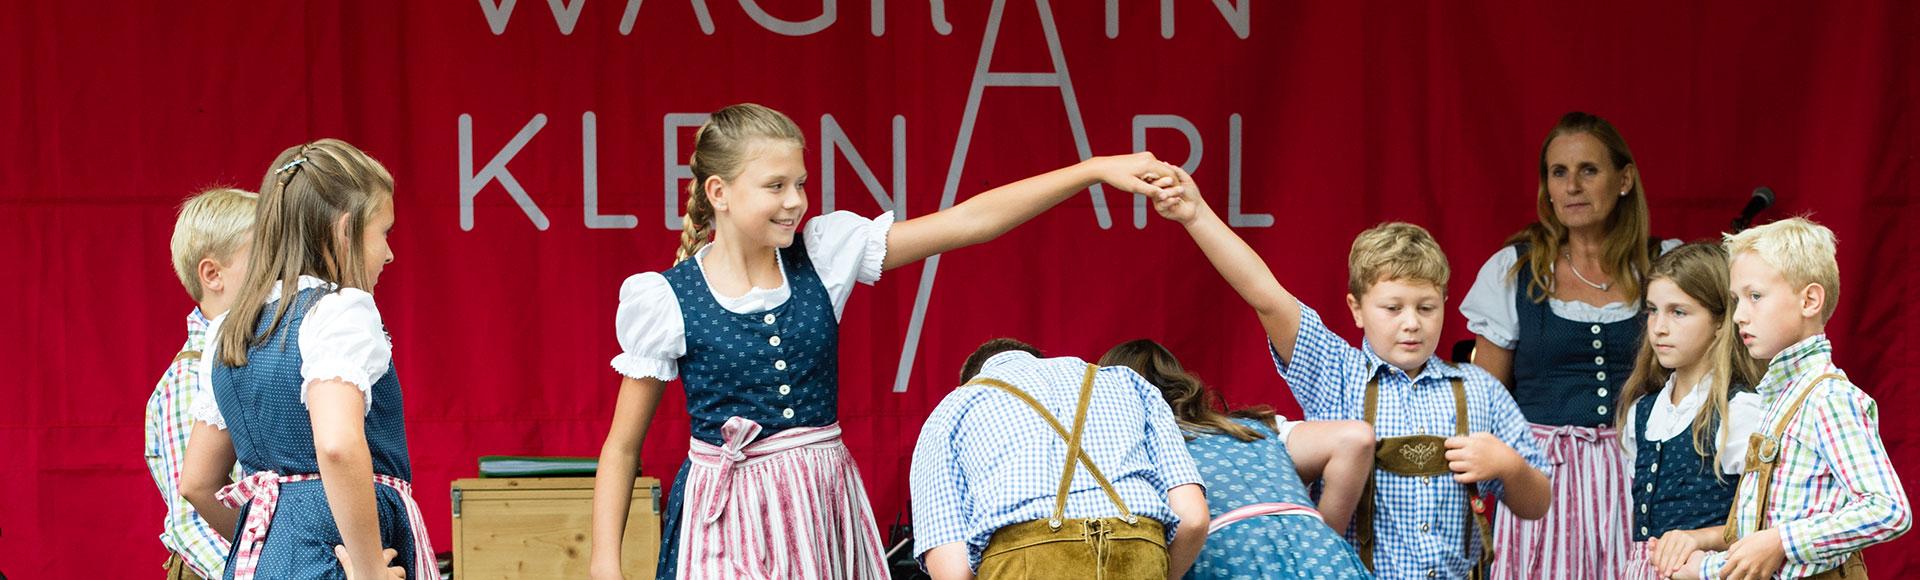 Bauernherbst - Veranstaltungen in Wagrain-Kleinarl